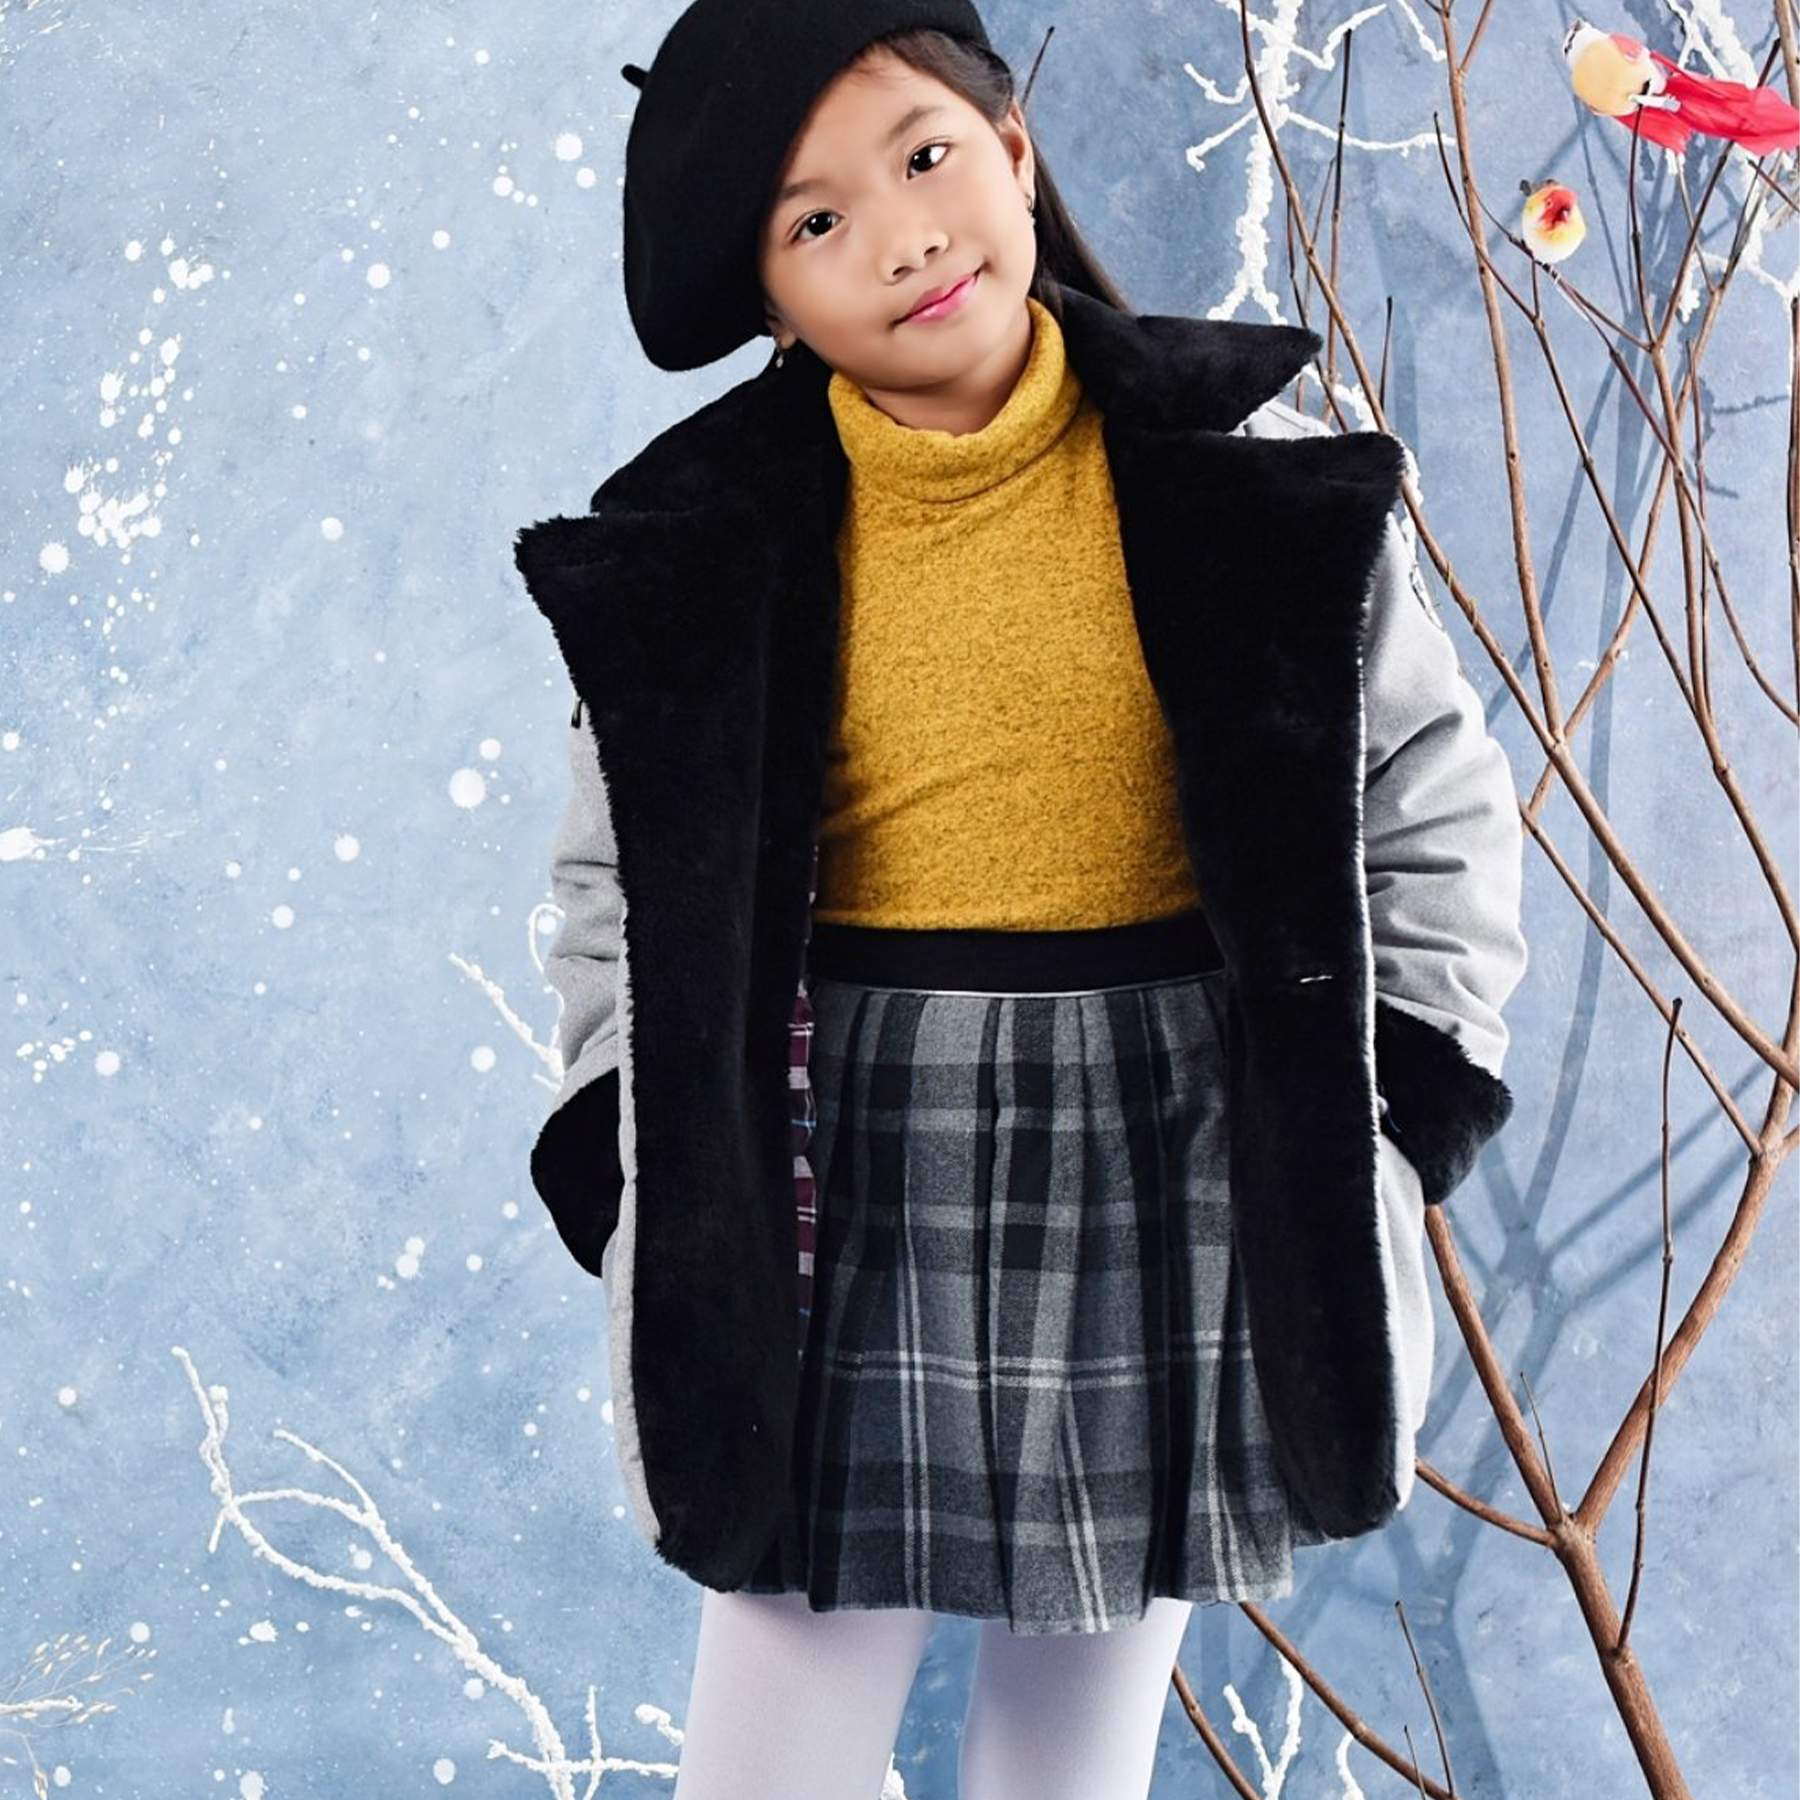 sous pull col roulé tout doux jaune moutarde chiné noir pour petites filles de 2 à 12 ans